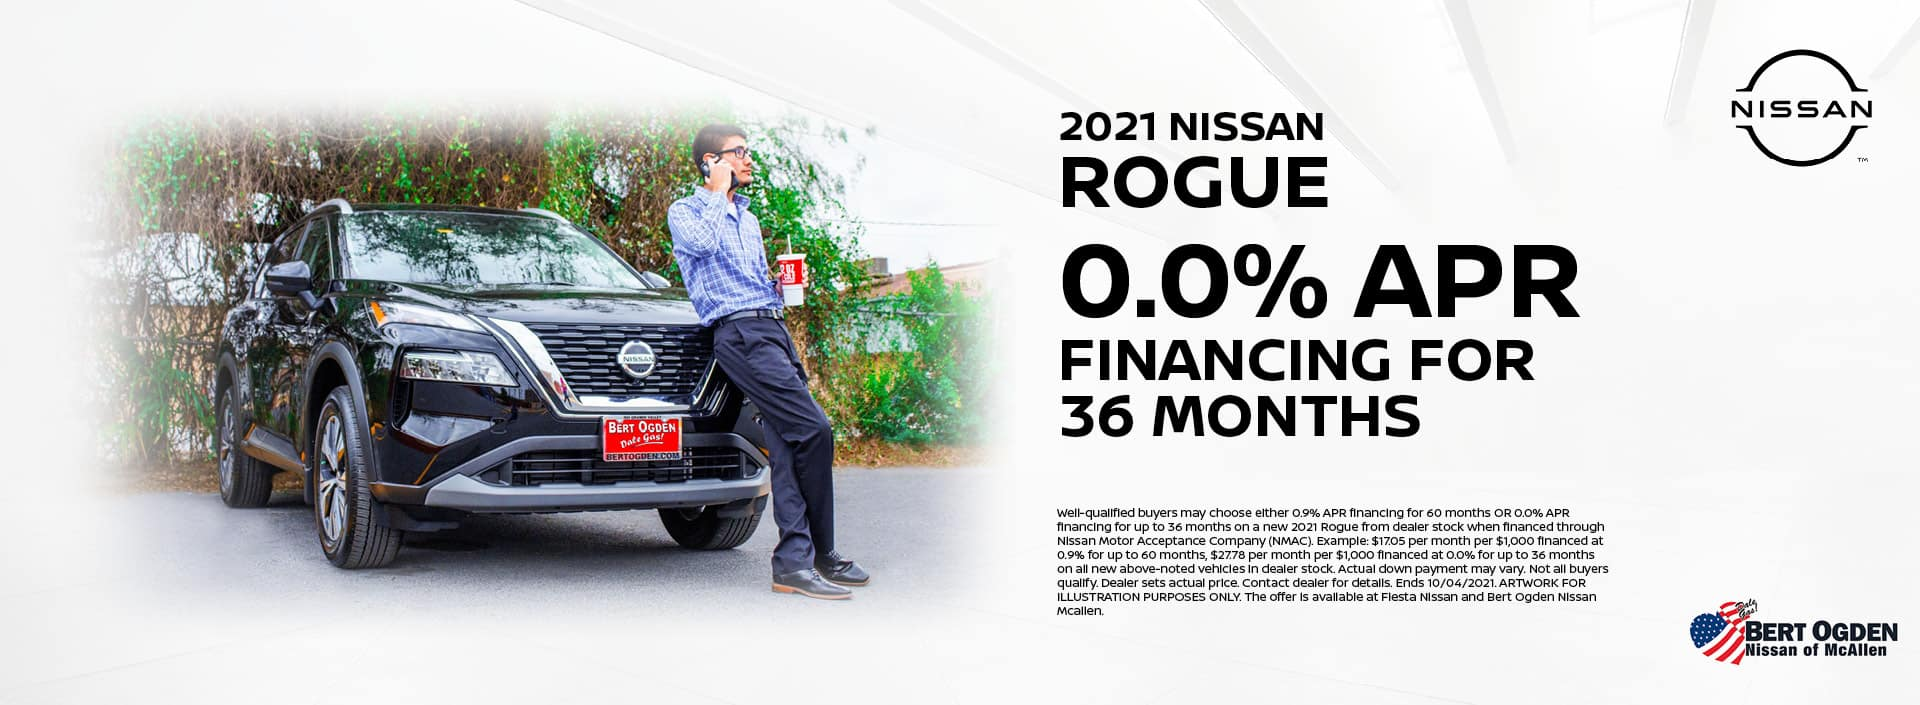 2021 Nissan Rogue 0.0% APR | Bert Ogden Nissan | McAllen, TX